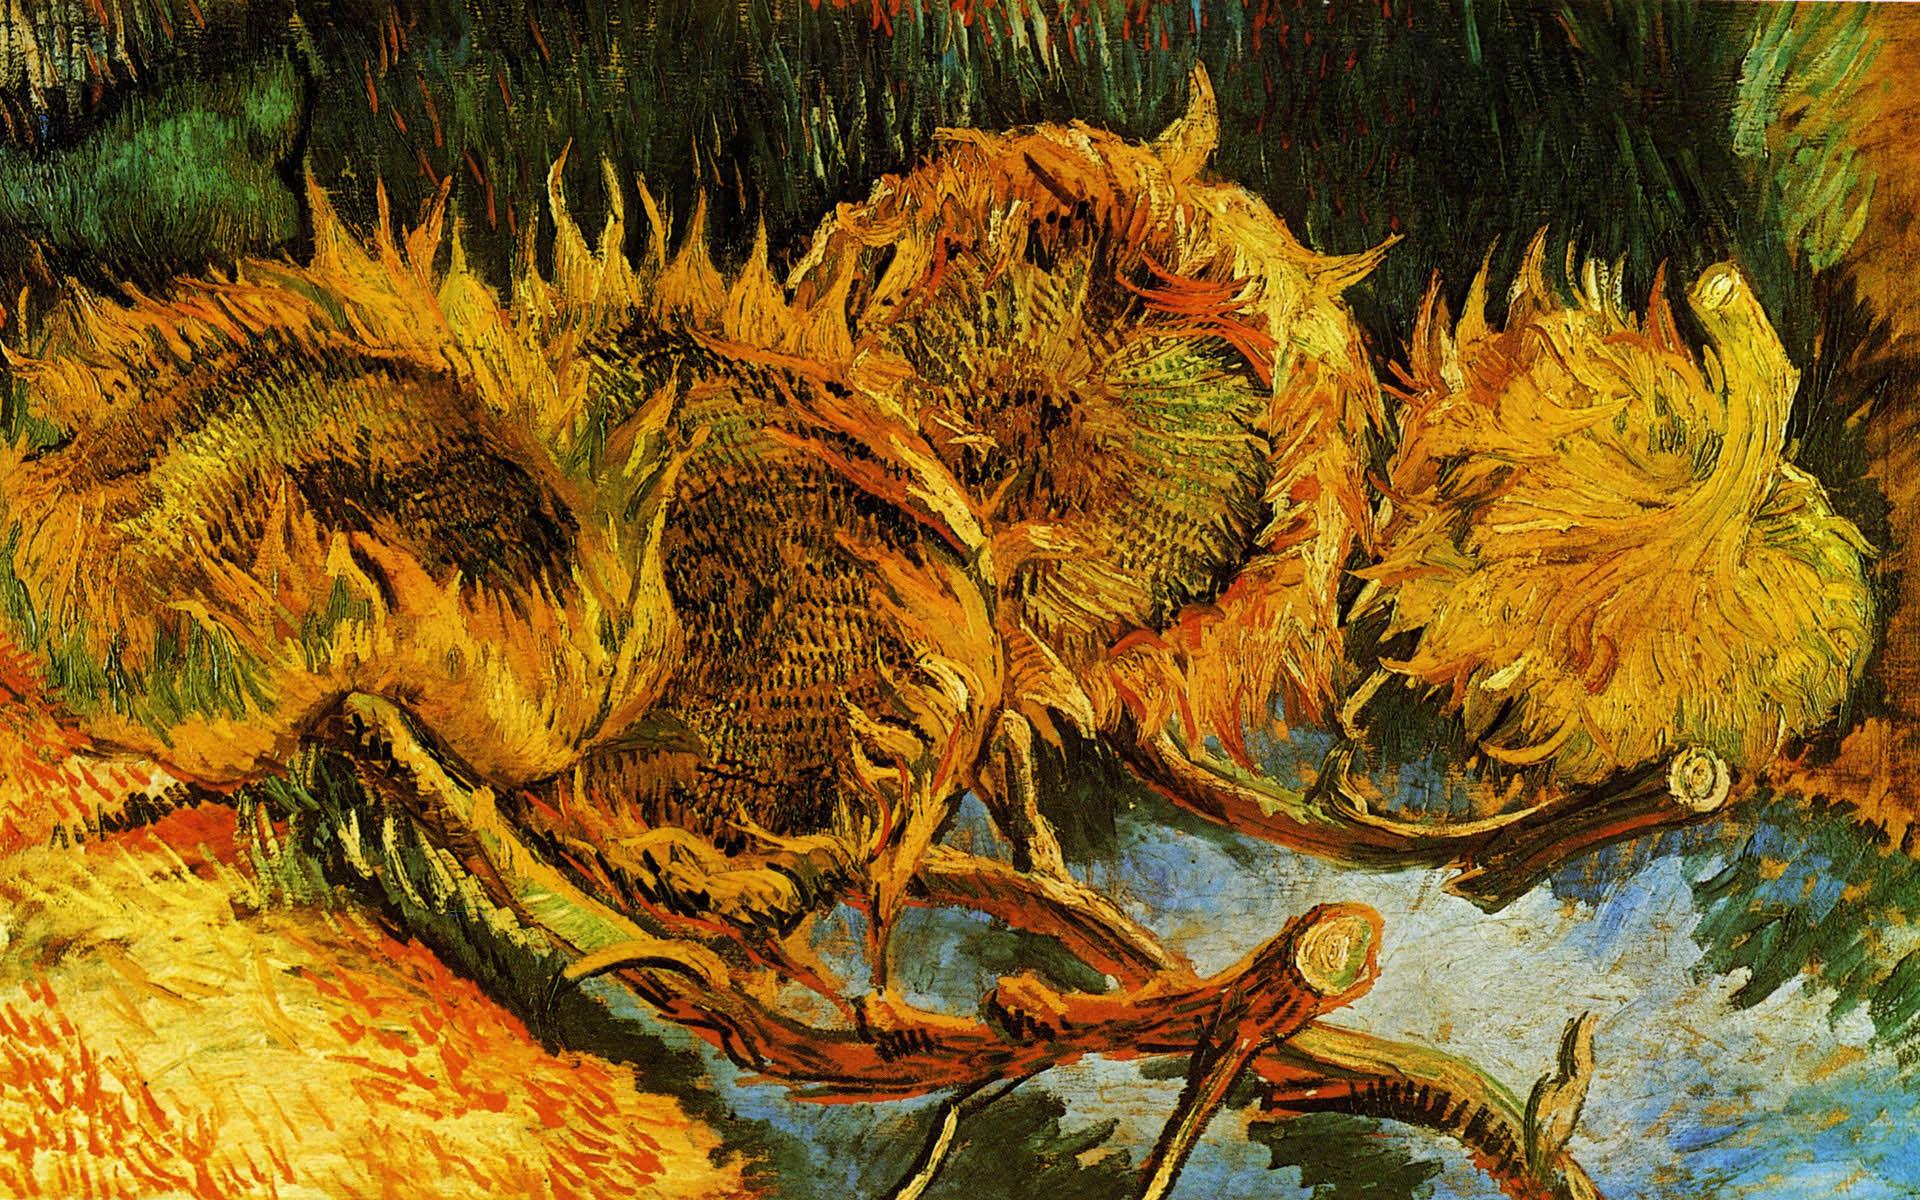 Van Gogh Wallpapers | PicGifs.com